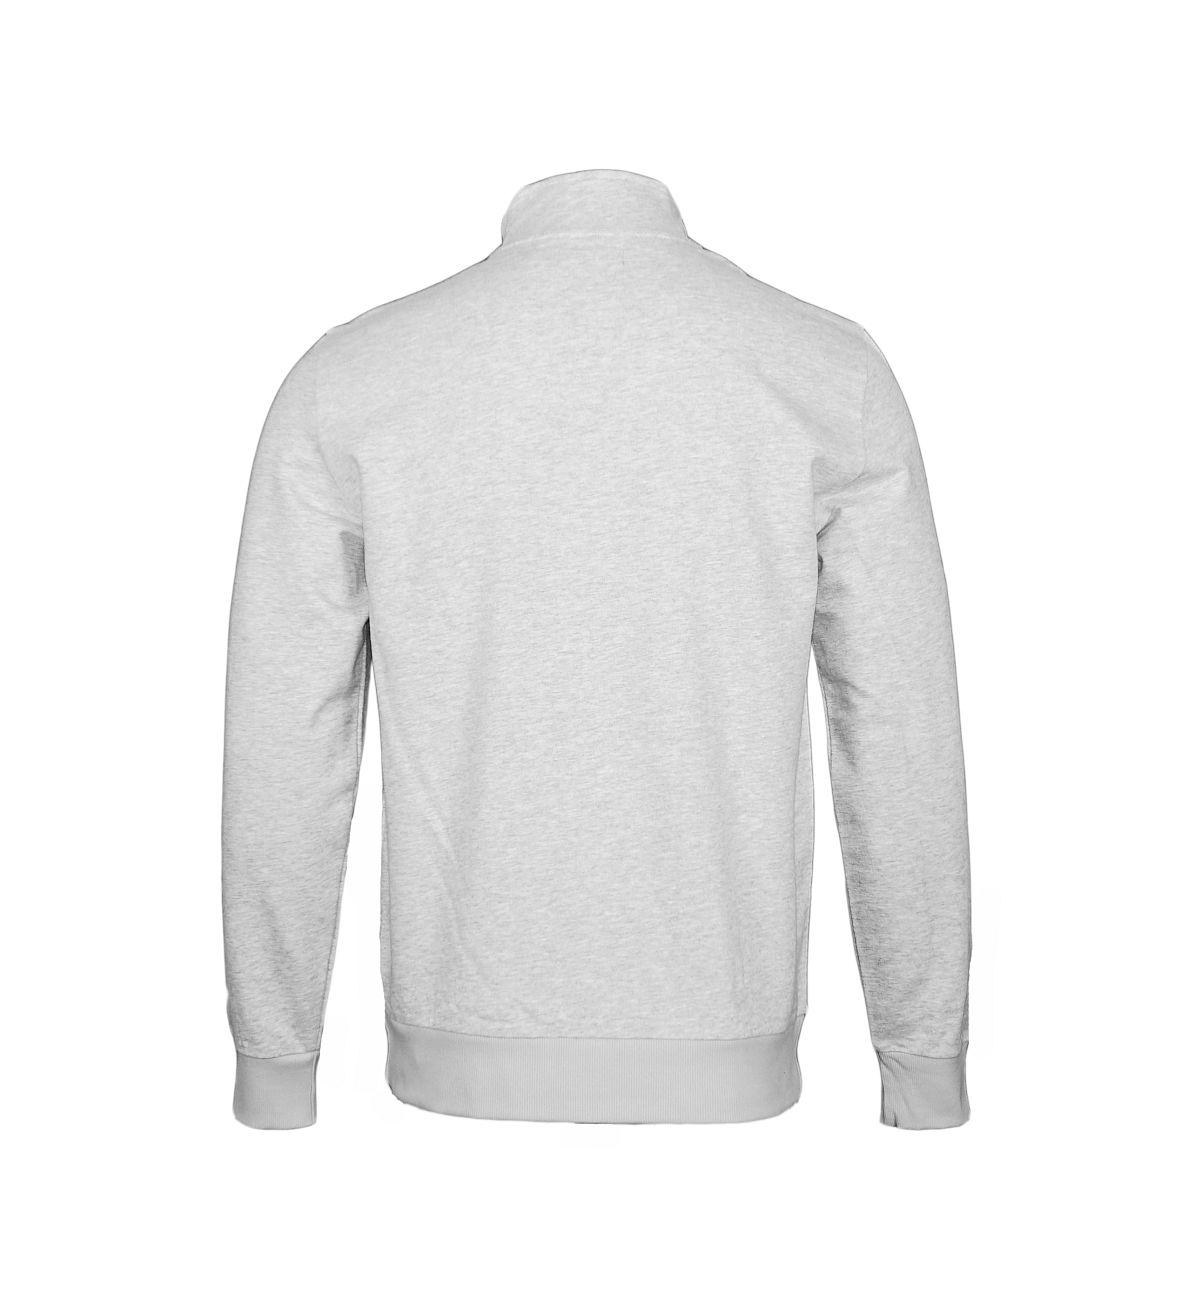 Emporio Armani Jacke Sweater Zip 111532 8P571 00048 GRIGIO MELANGE F18-EAJ1